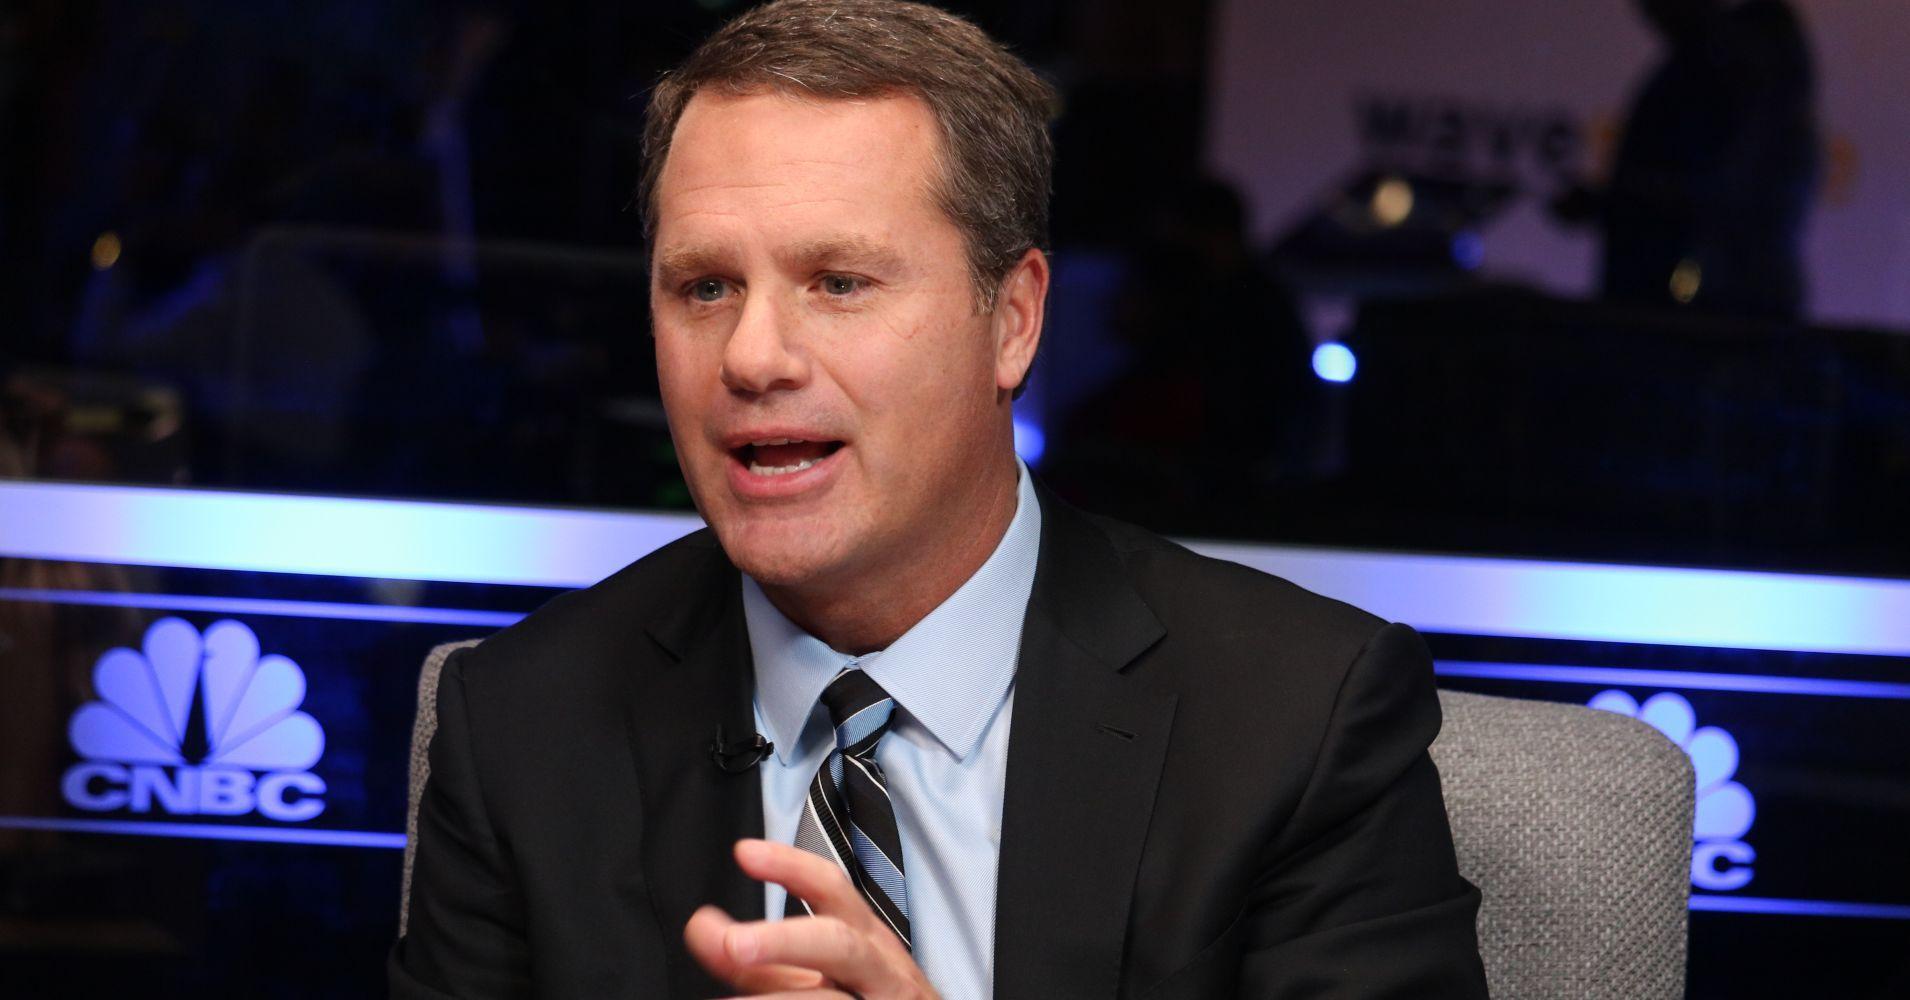 Walmart Ceo Doug Mcmillon Worries About Prices If Trade War Escalates Doug Mcmillon No Worries Ceo